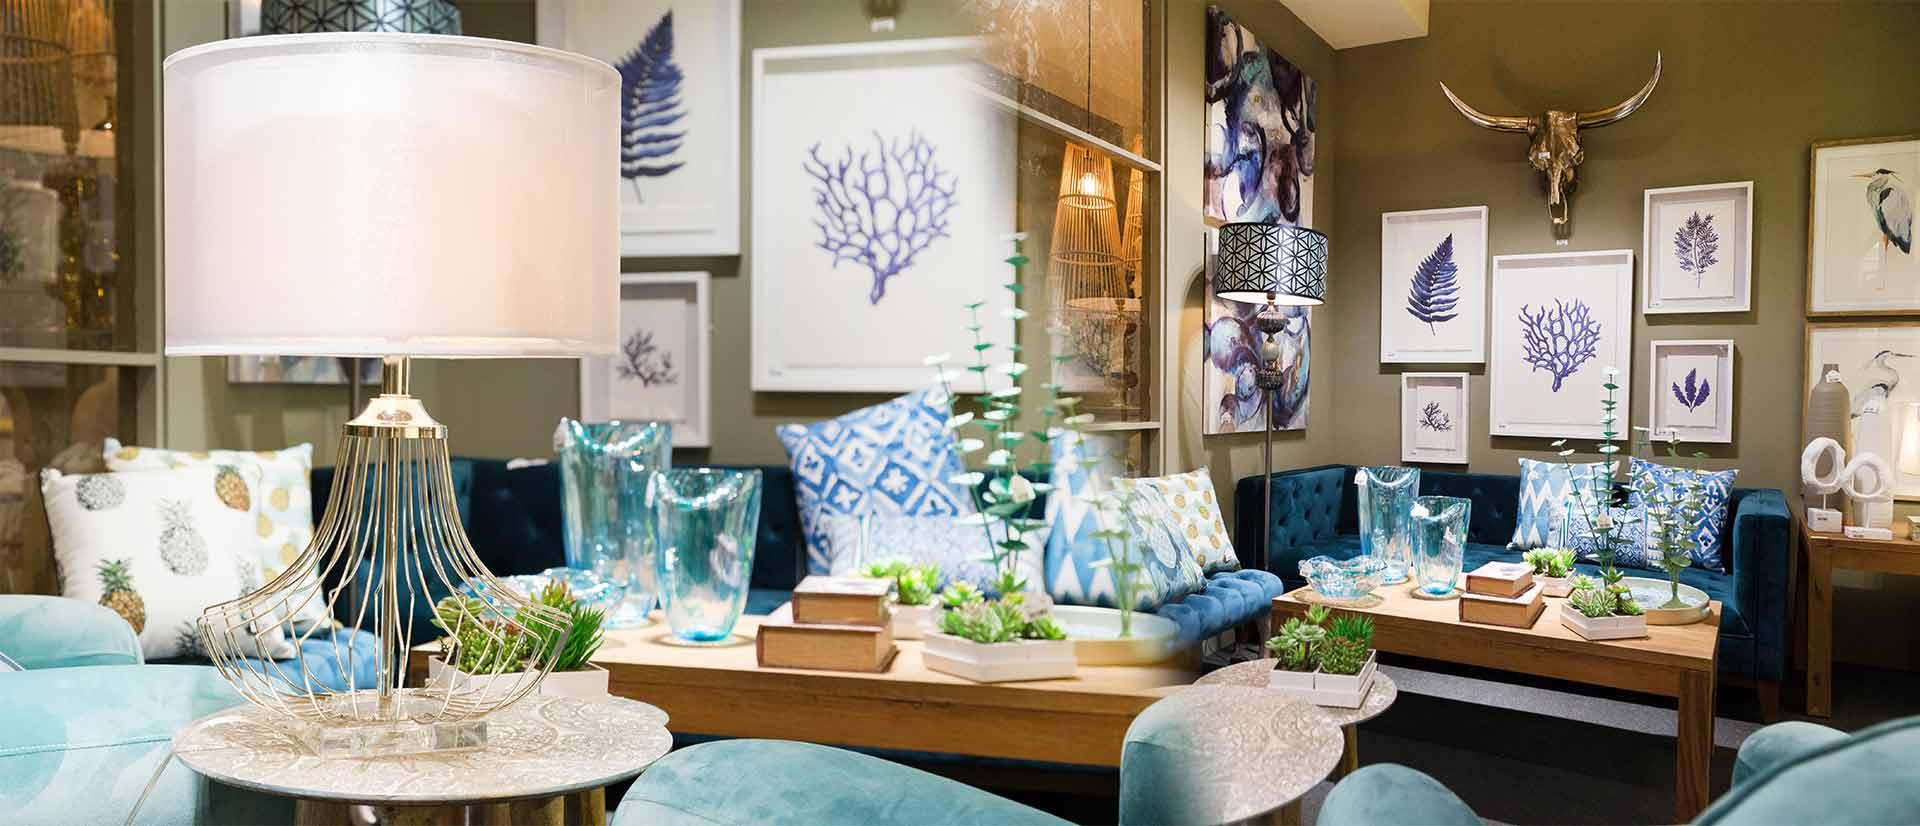 sofa cuadros y cojines azules